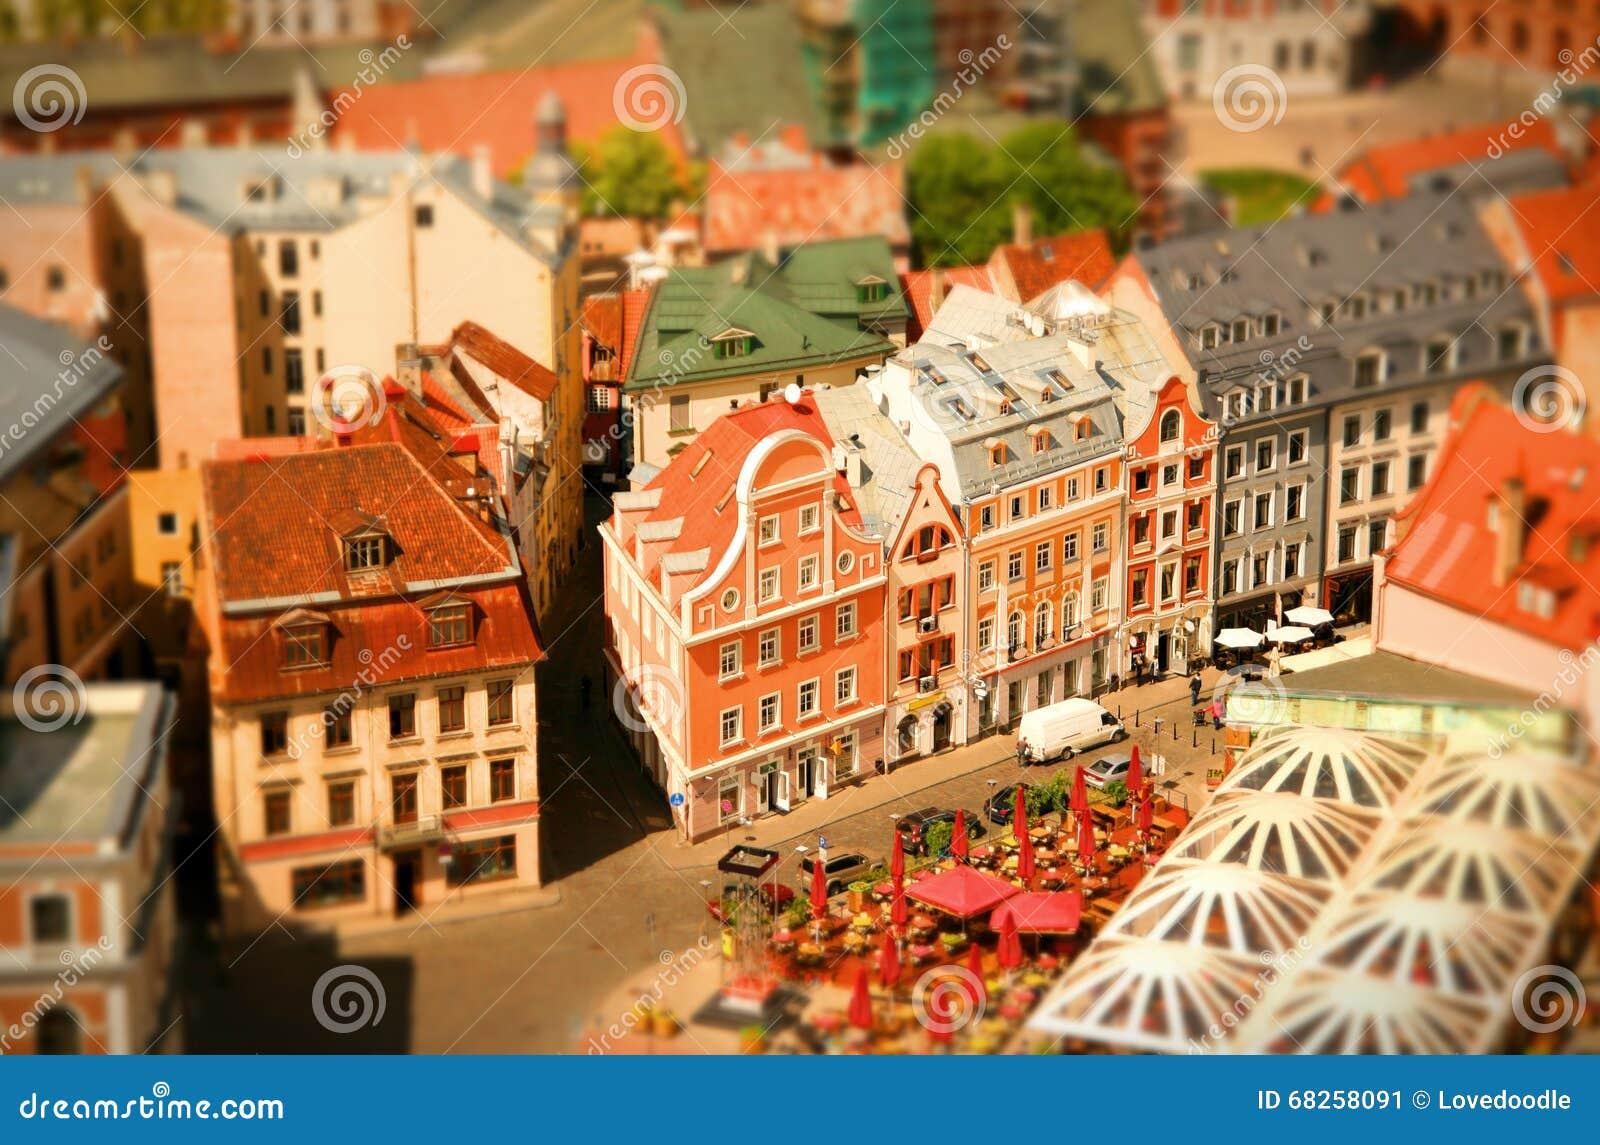 Colorful Riga